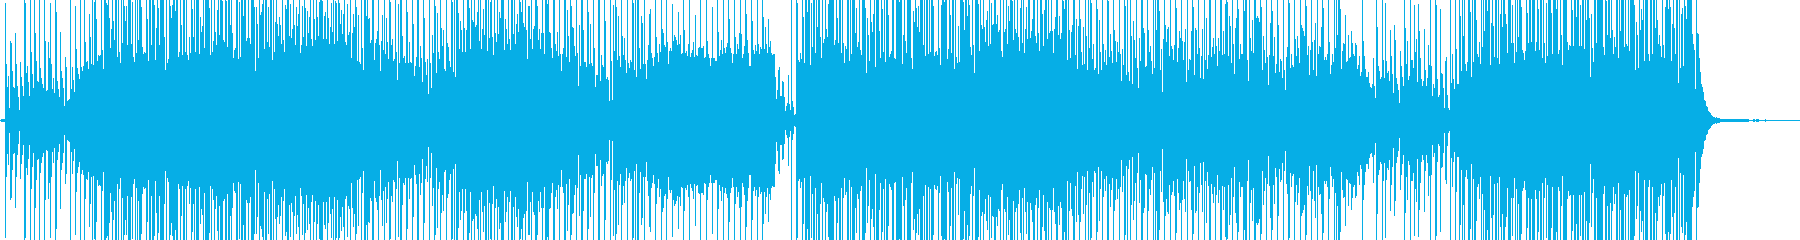 電気楽器。高騰、インスピレーション...の再生済みの波形